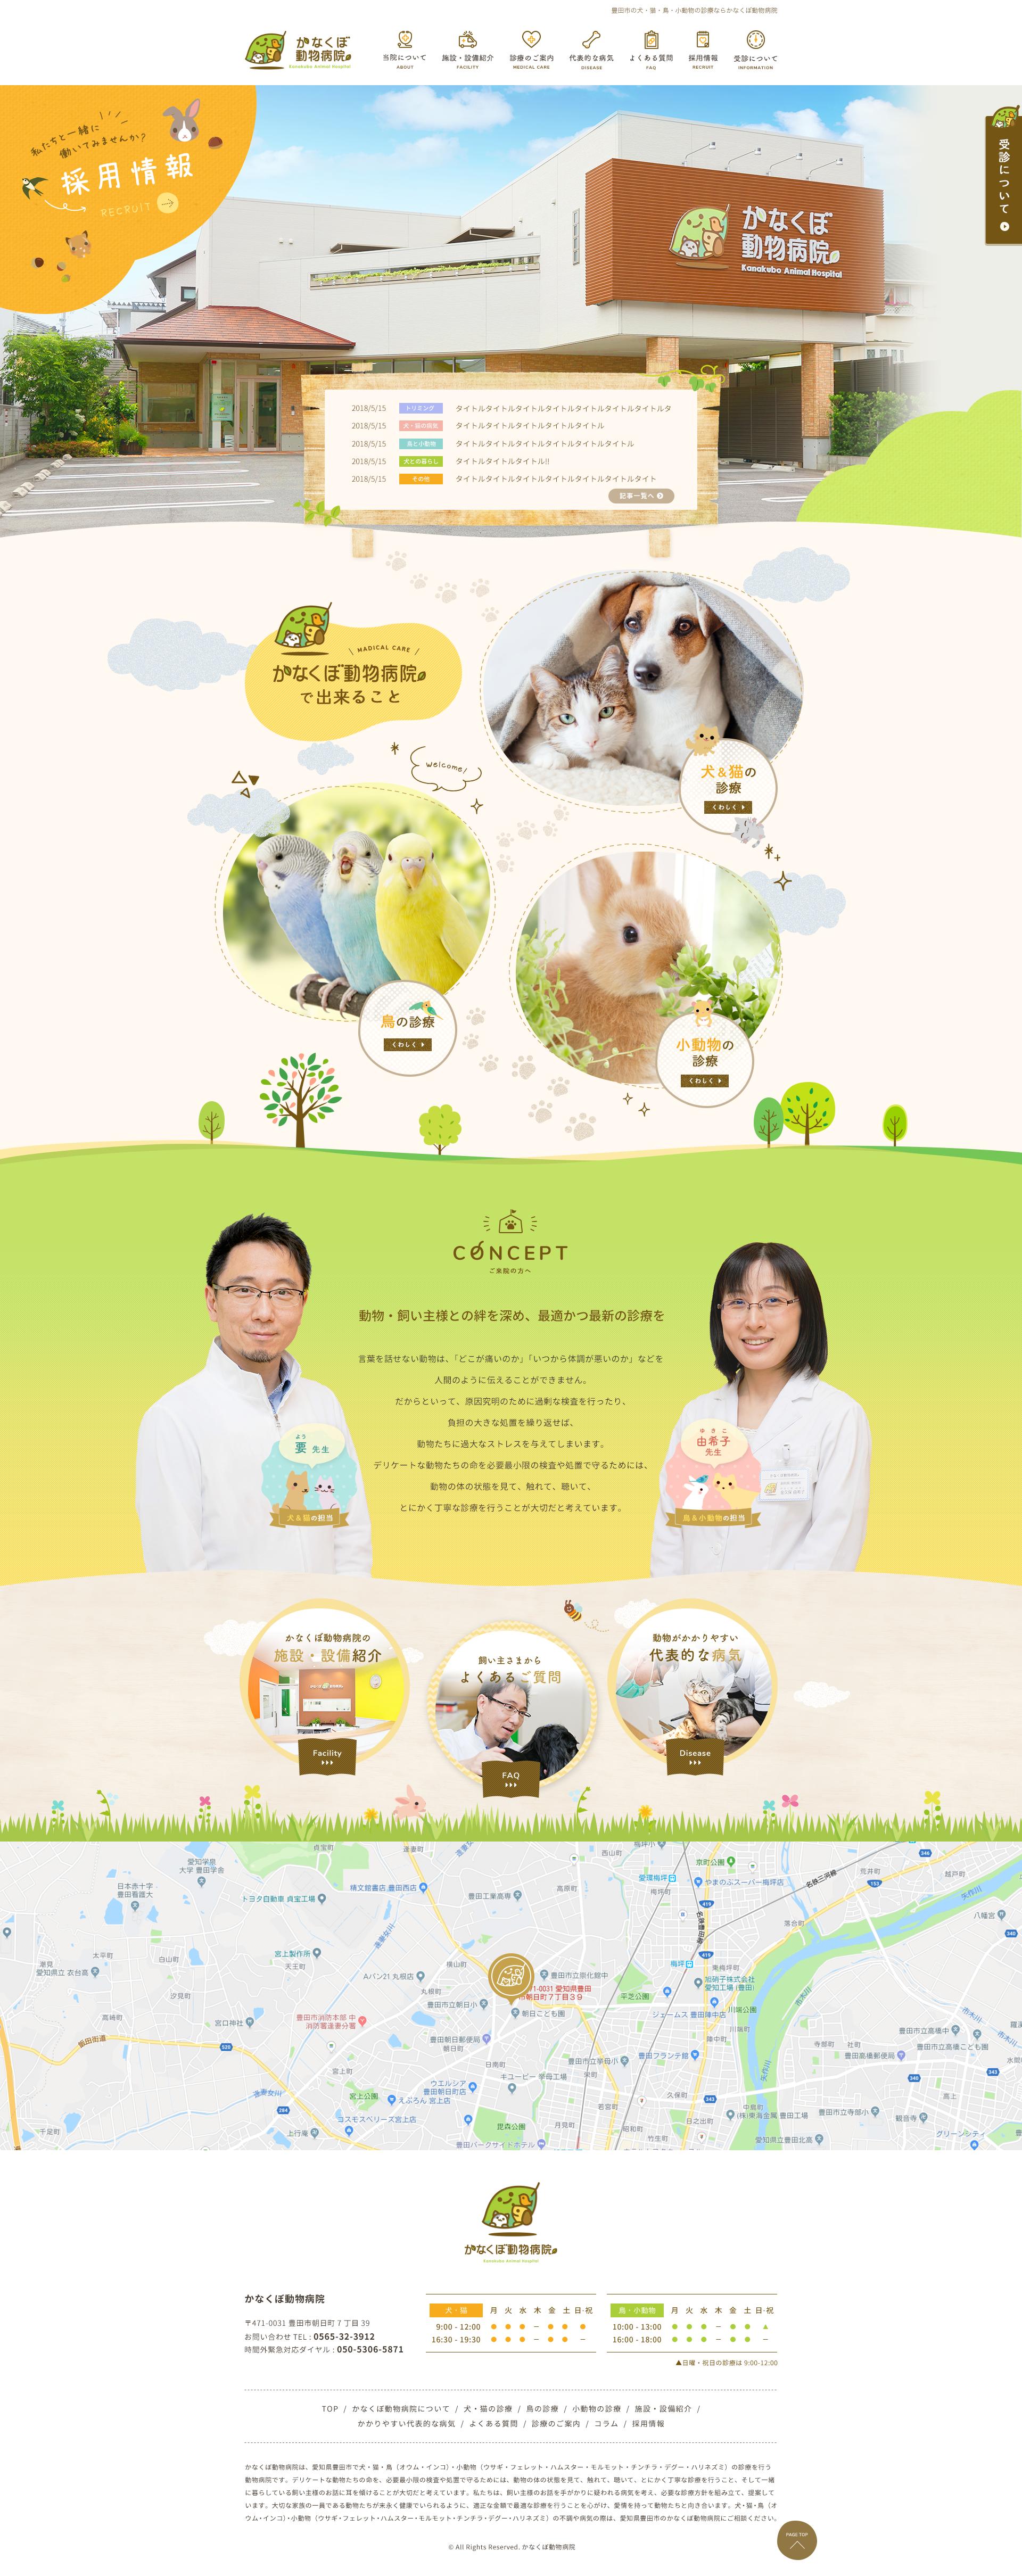 かなくぼ動物病院 様 名古屋のホームページ制作 Web集客 株式会社オンカ Lp デザイン パンフレット デザイン ウェブデザイン